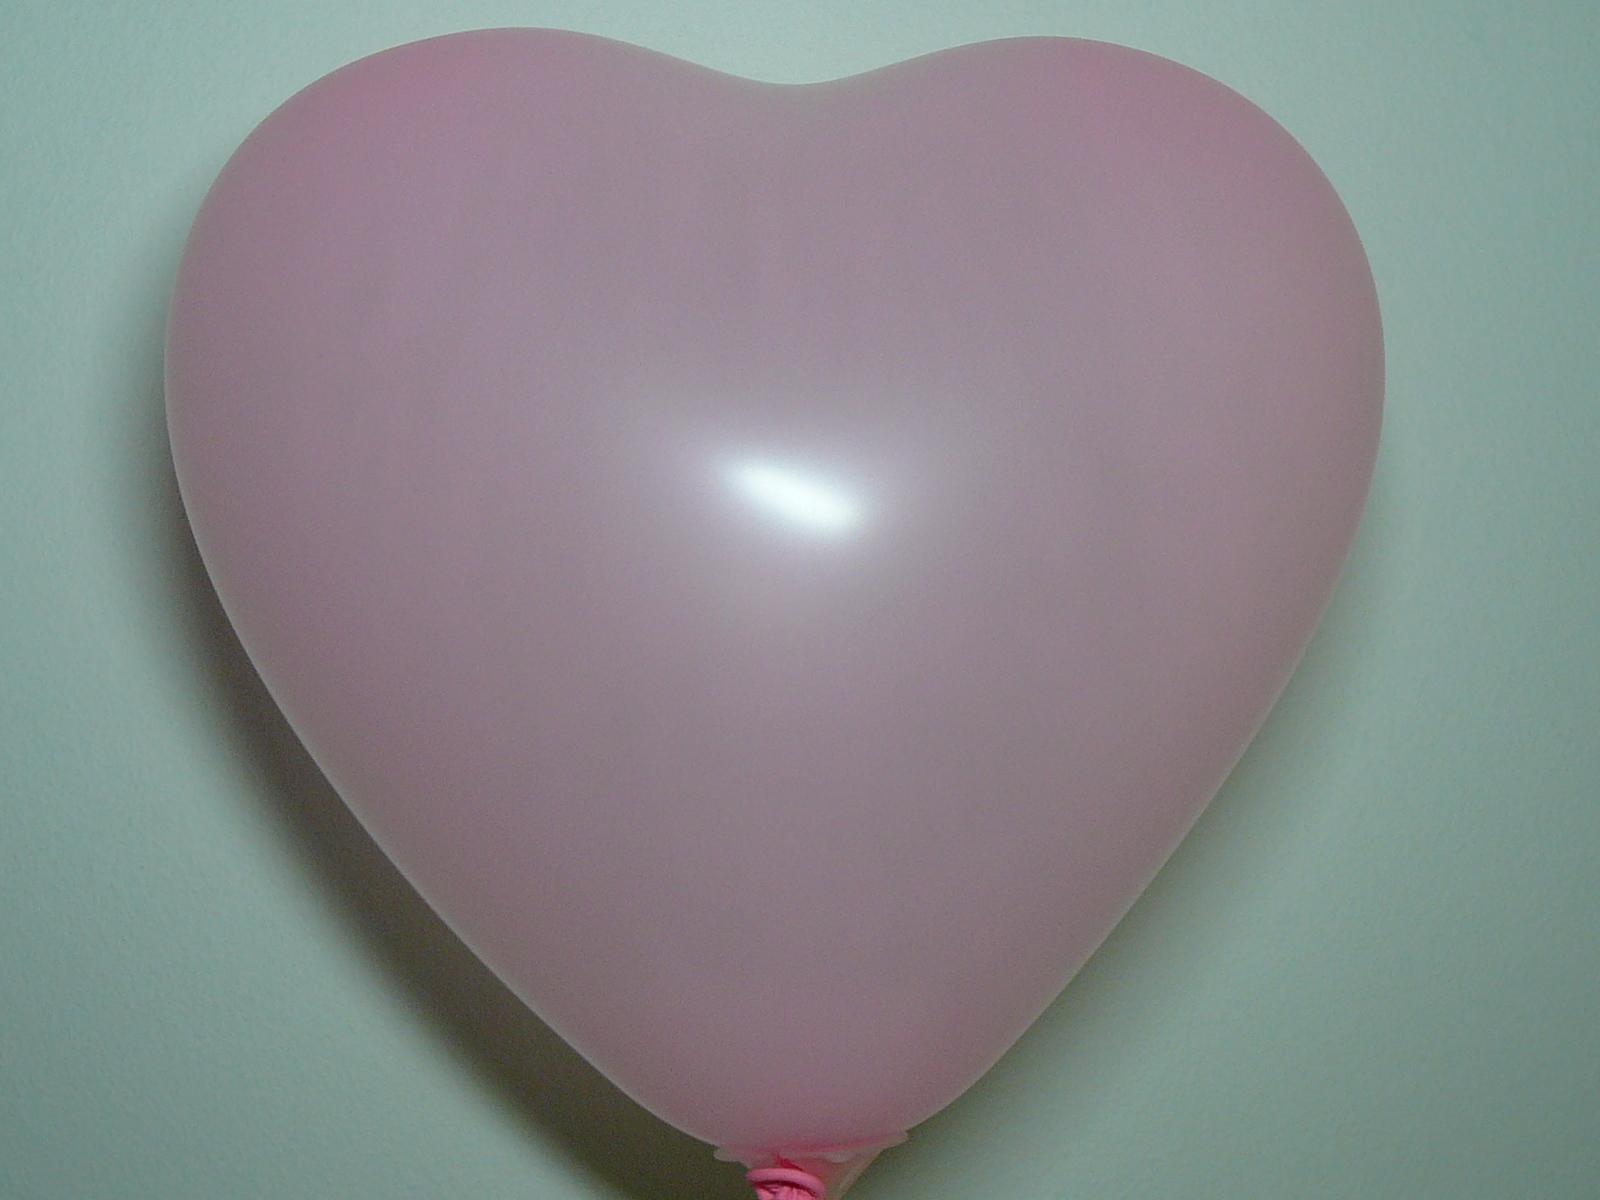 fd36a259e2cd Srdce malé růžové dekorační